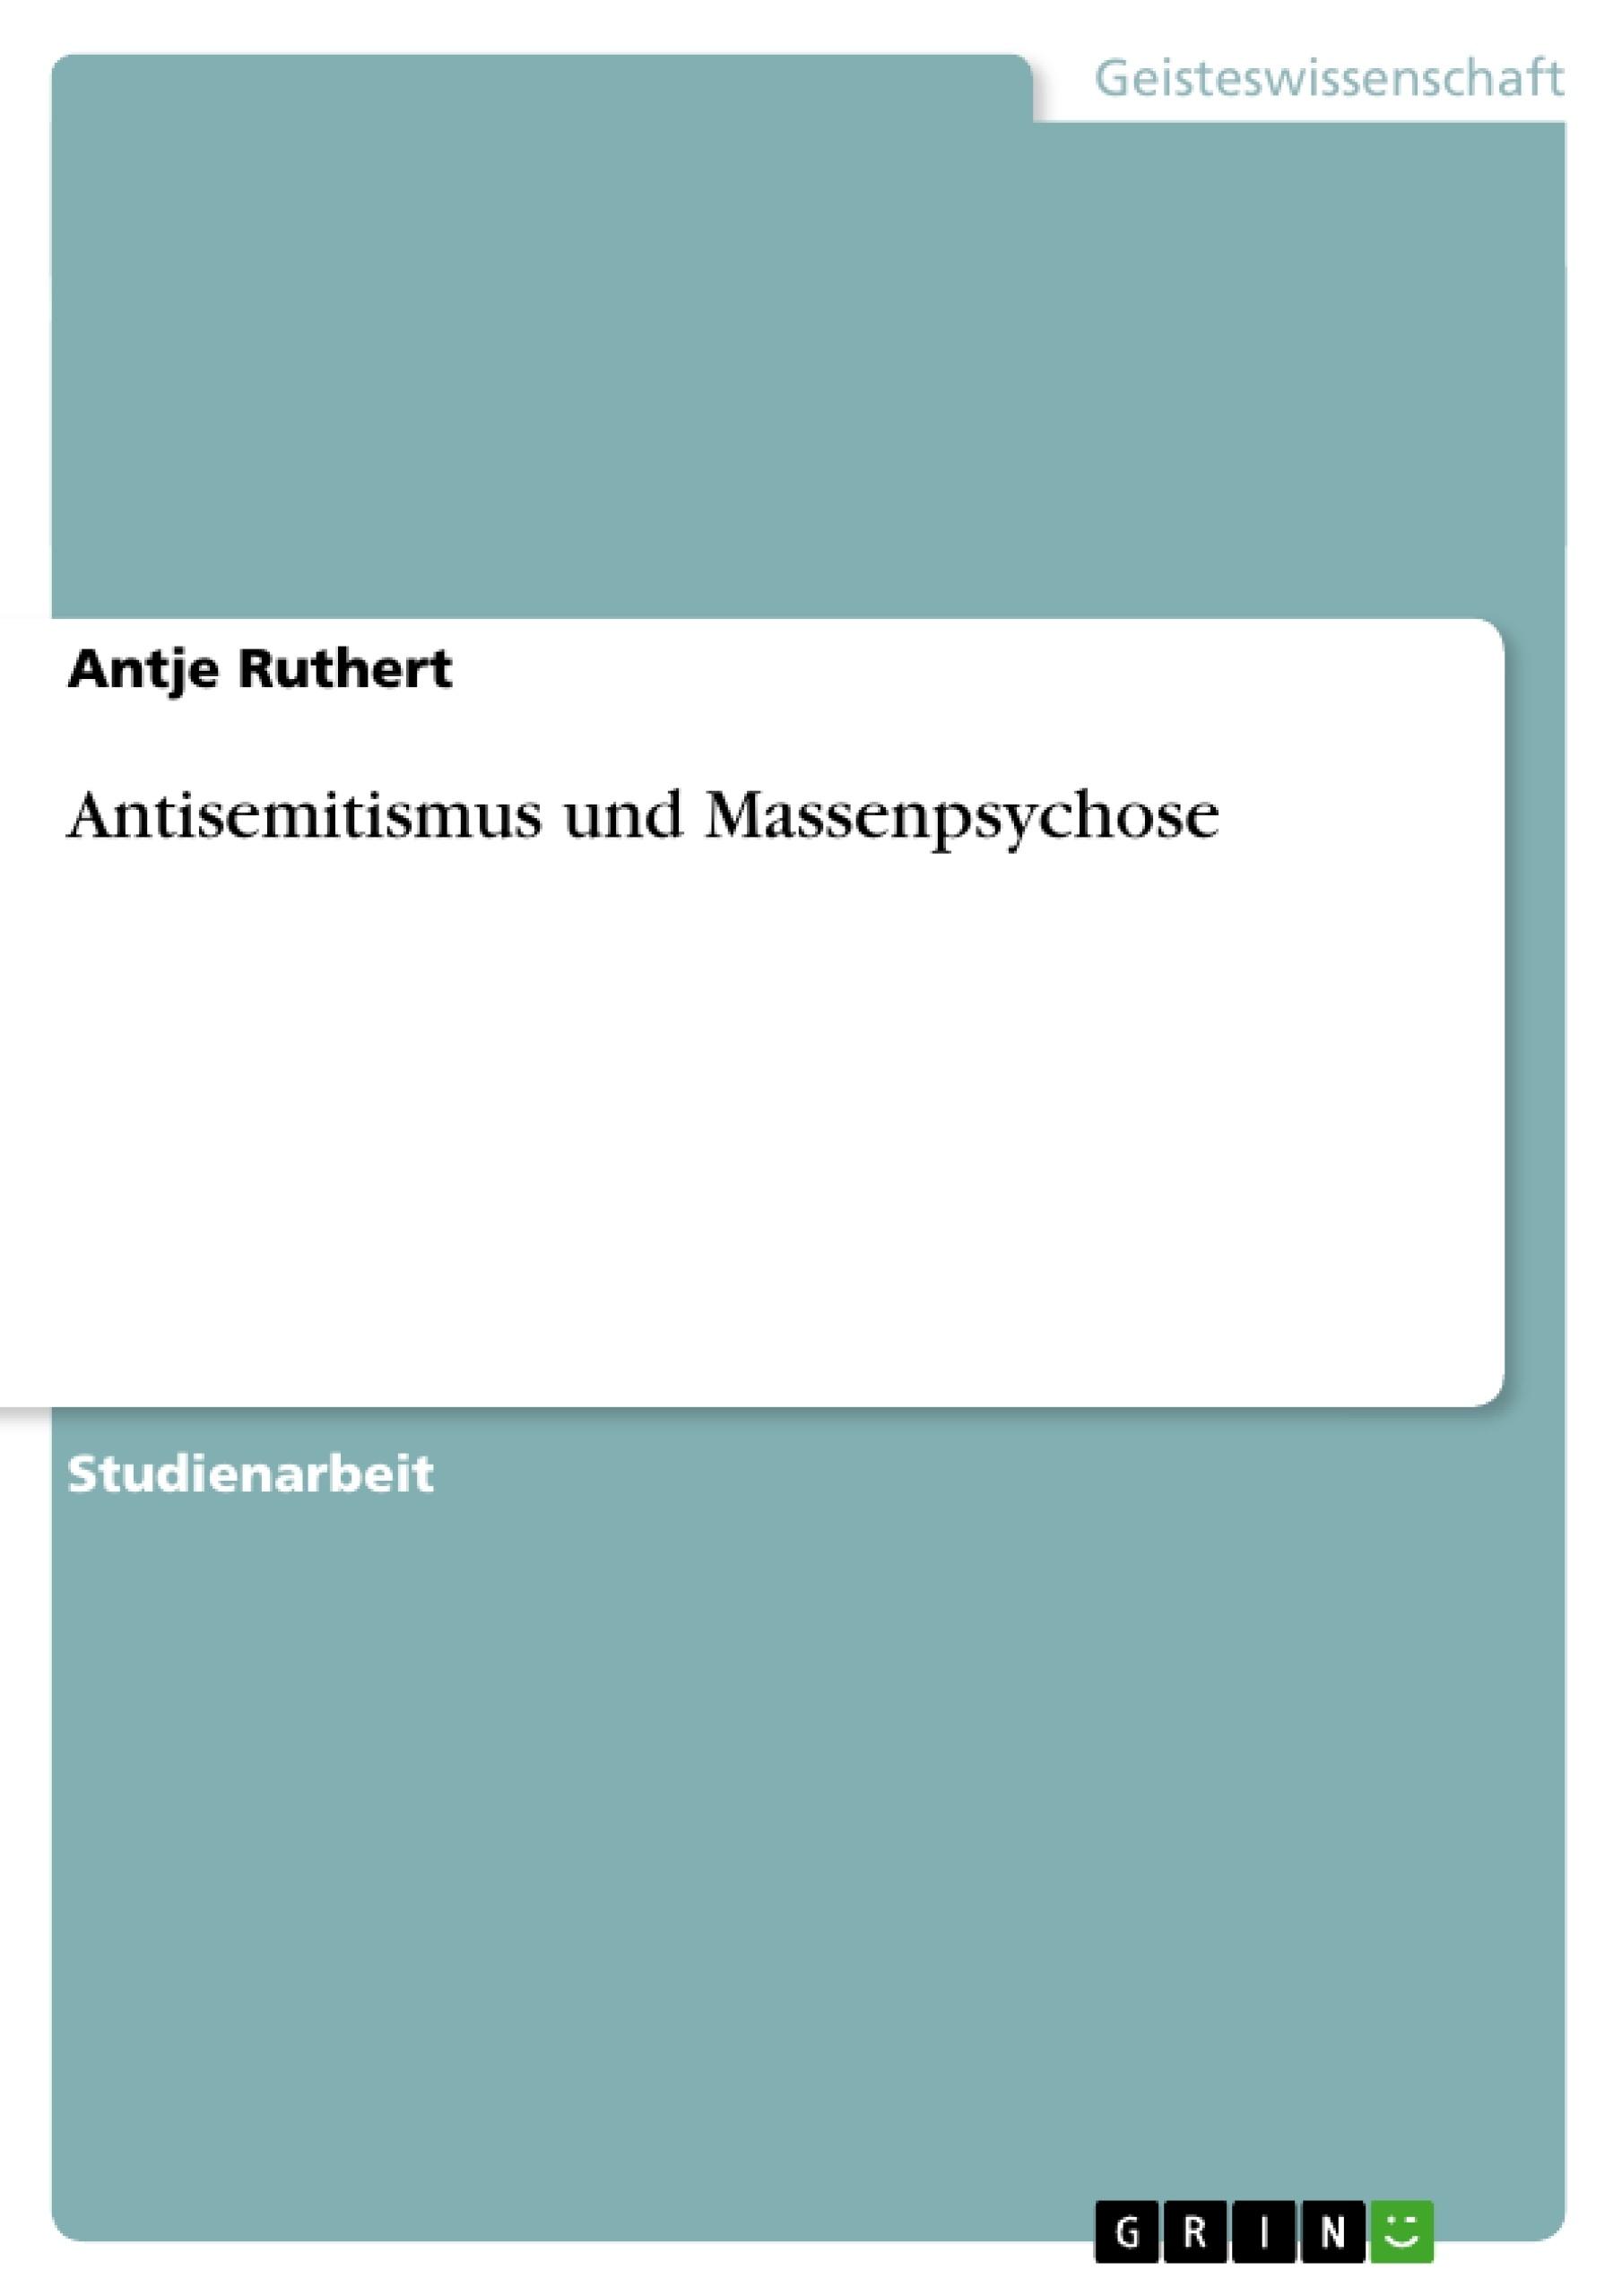 Titel: Antisemitismus und Massenpsychose